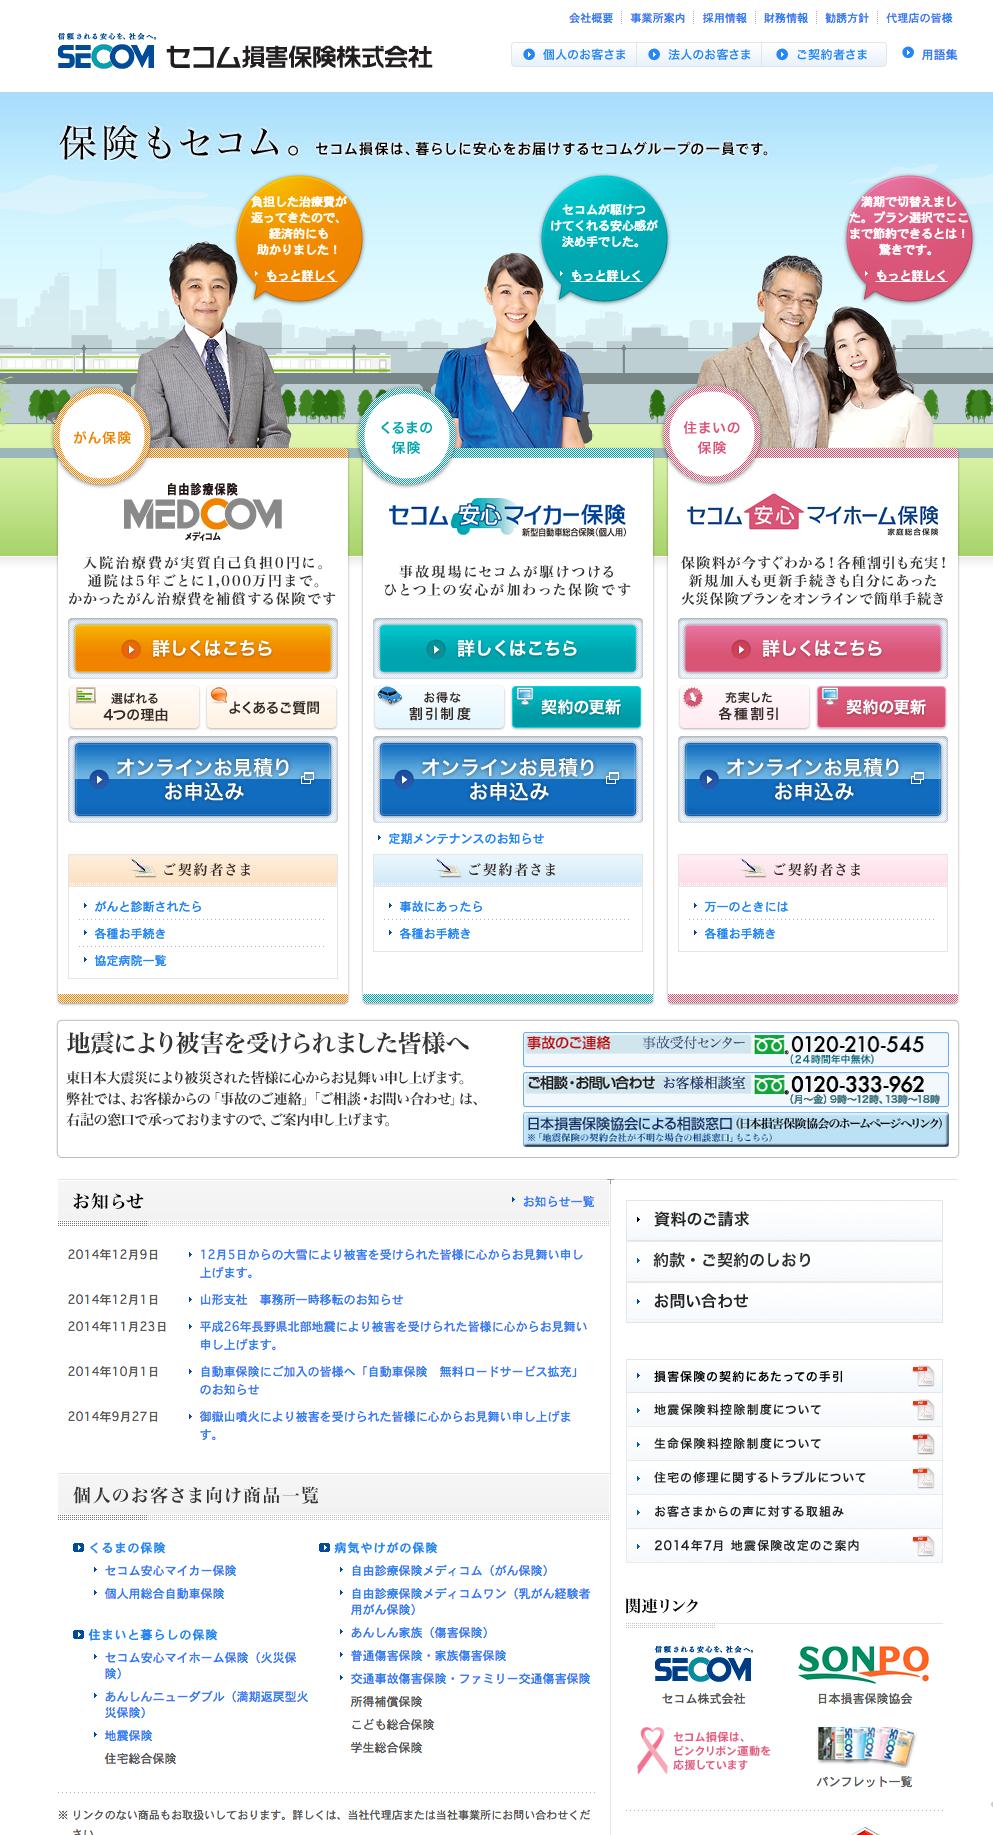 保険もセコム セコム損保の公式サイト Via Http Www Secom Sonpo Co Jp セコム 損保 保険